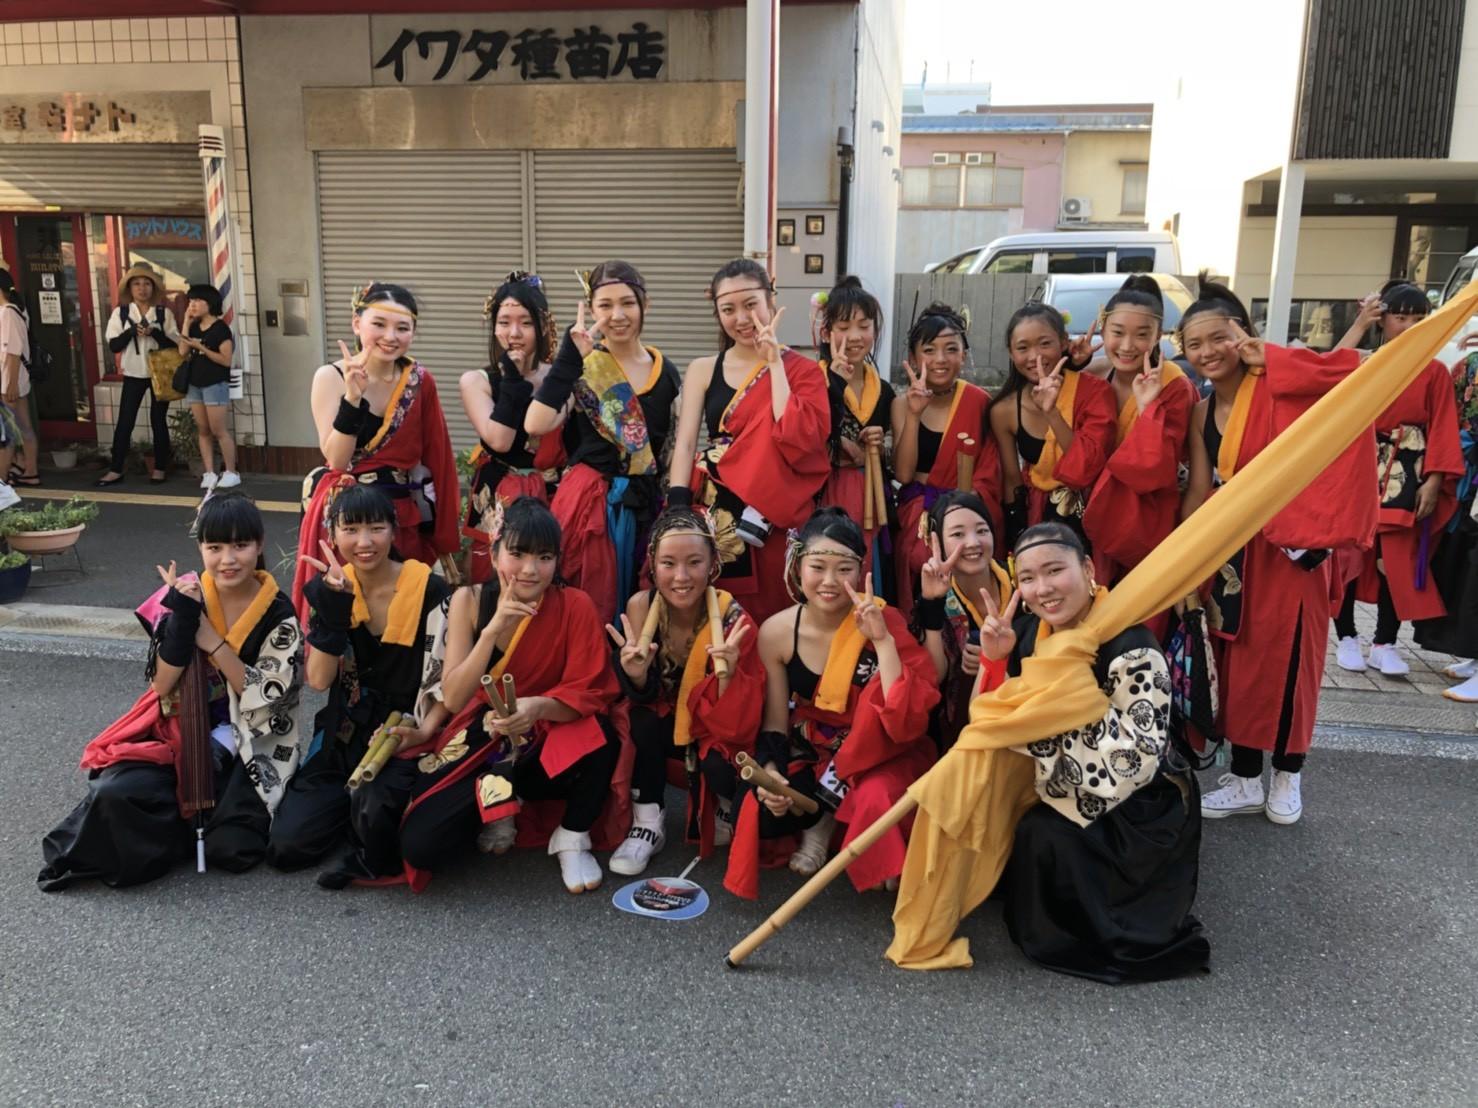 アケビダンススクール②.jpg